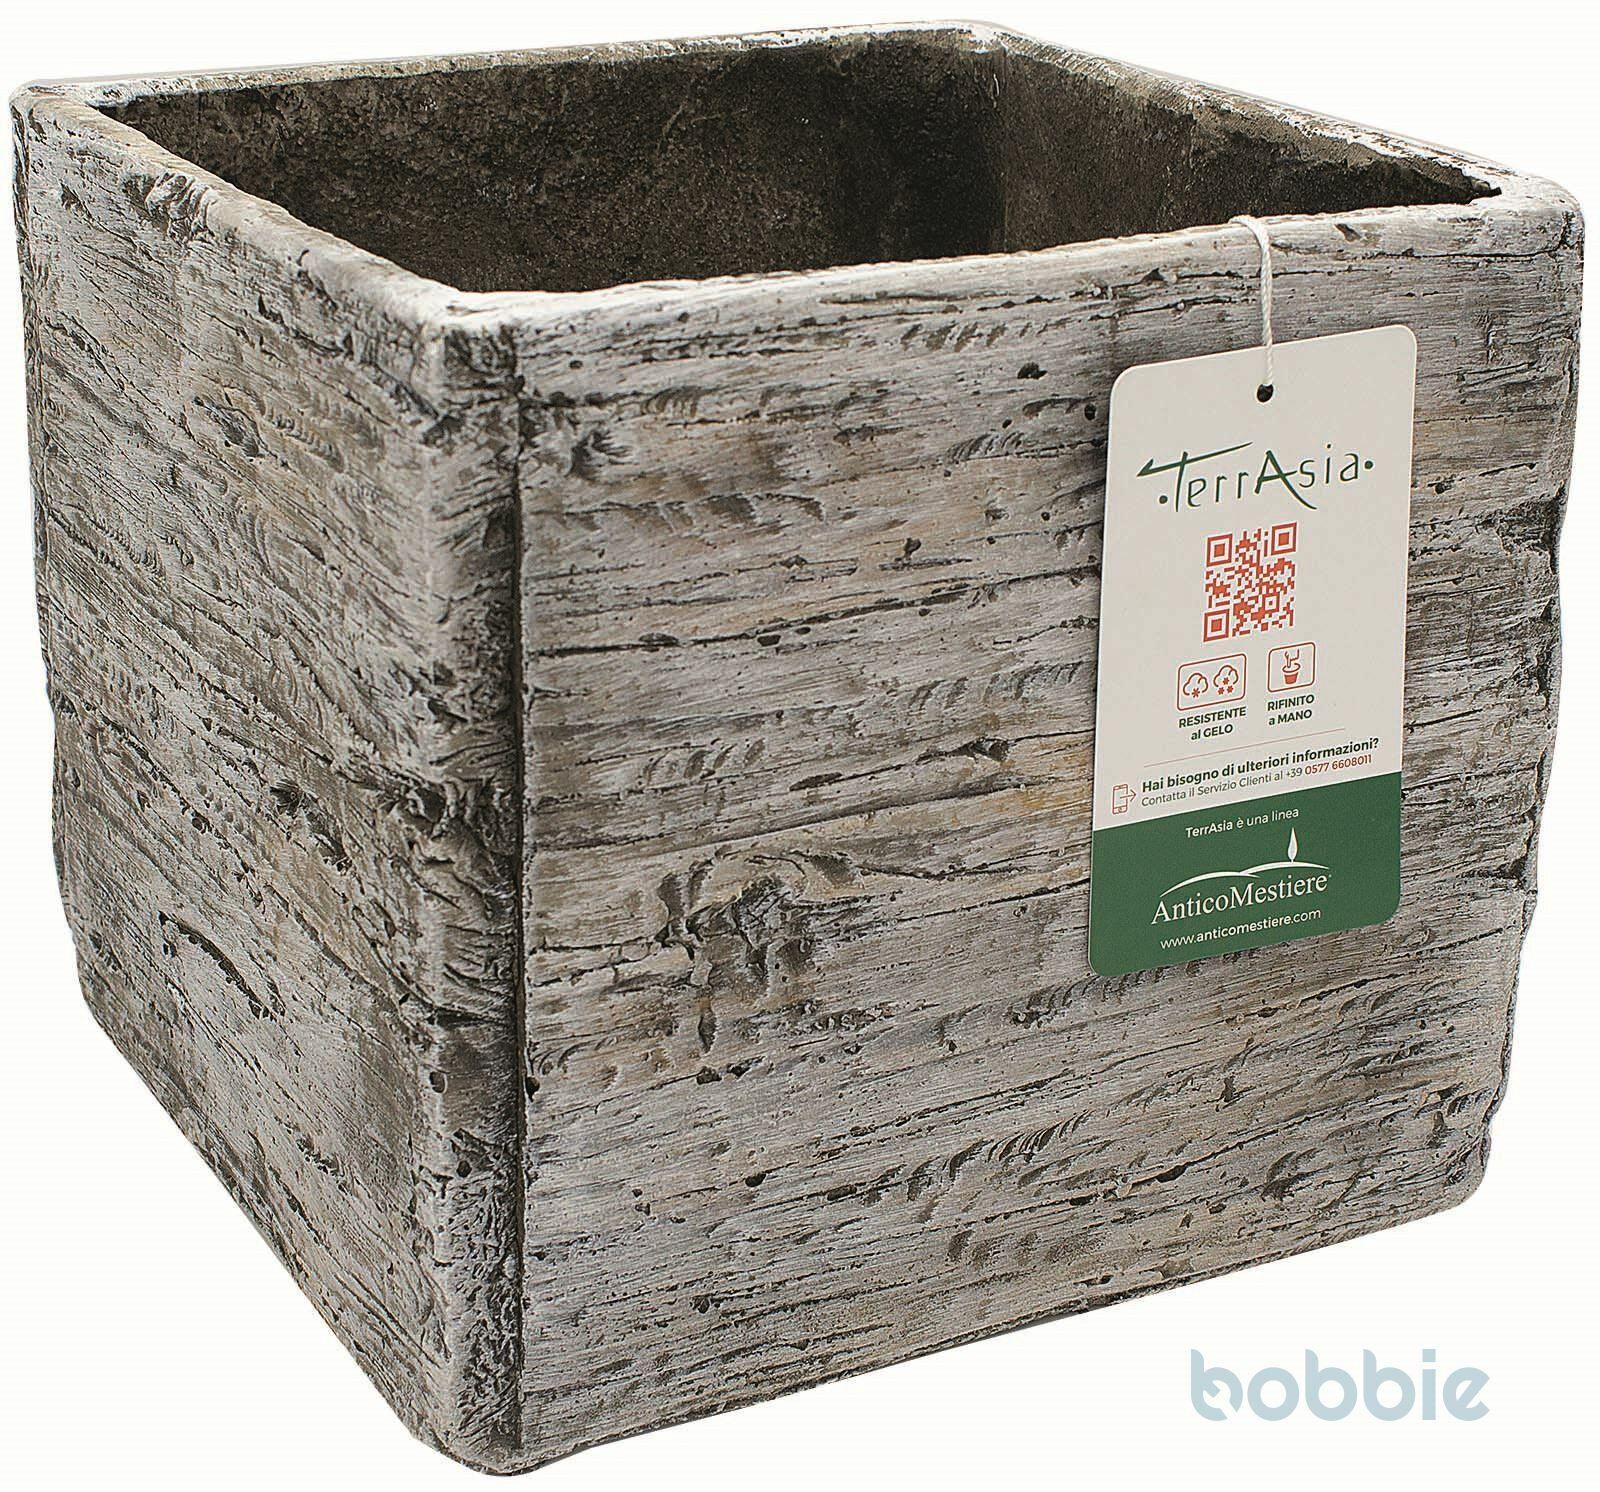 Blumekasten Kubus Holz - CUBO WOOD